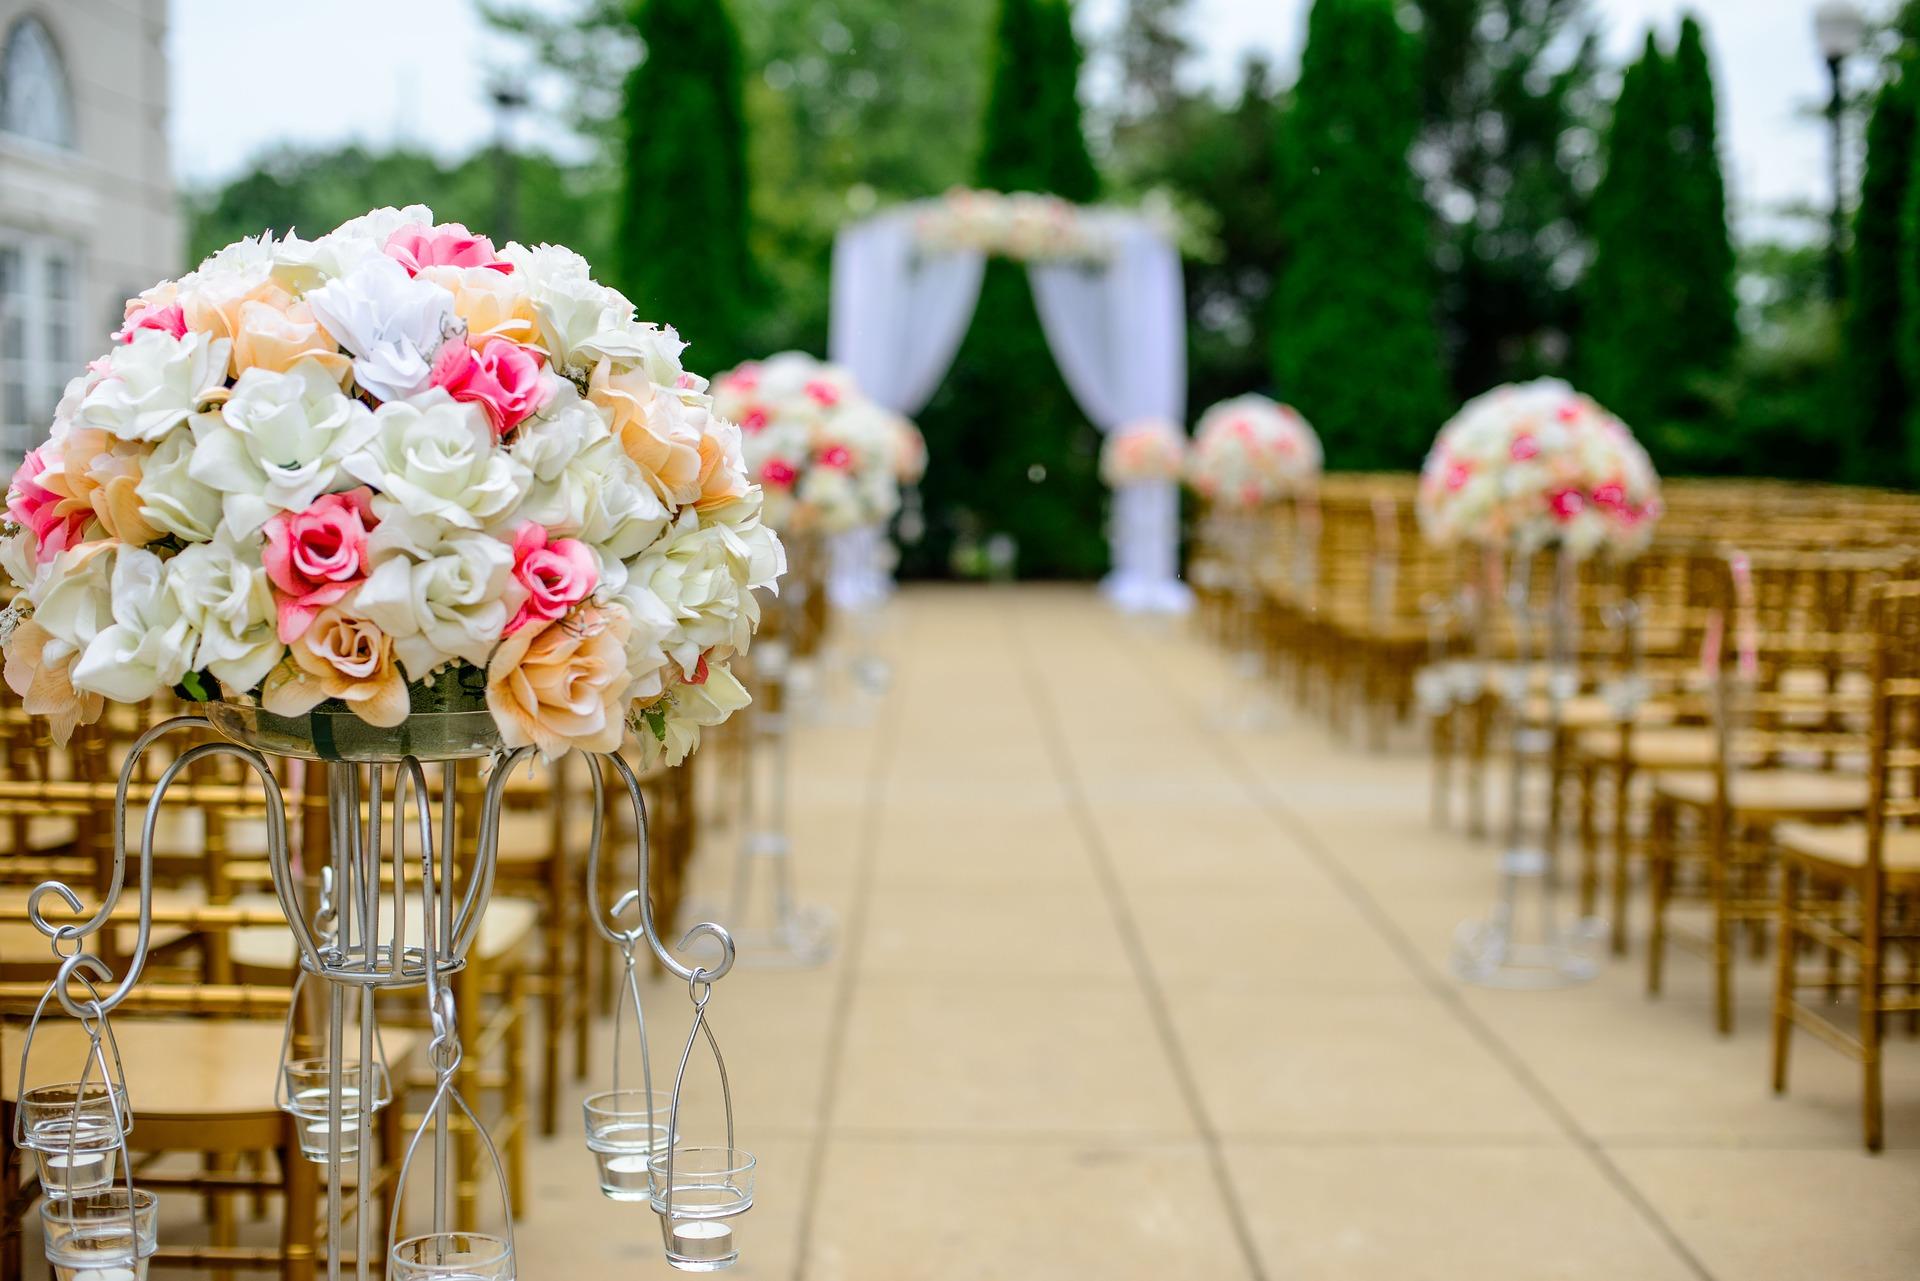 flores en una boda